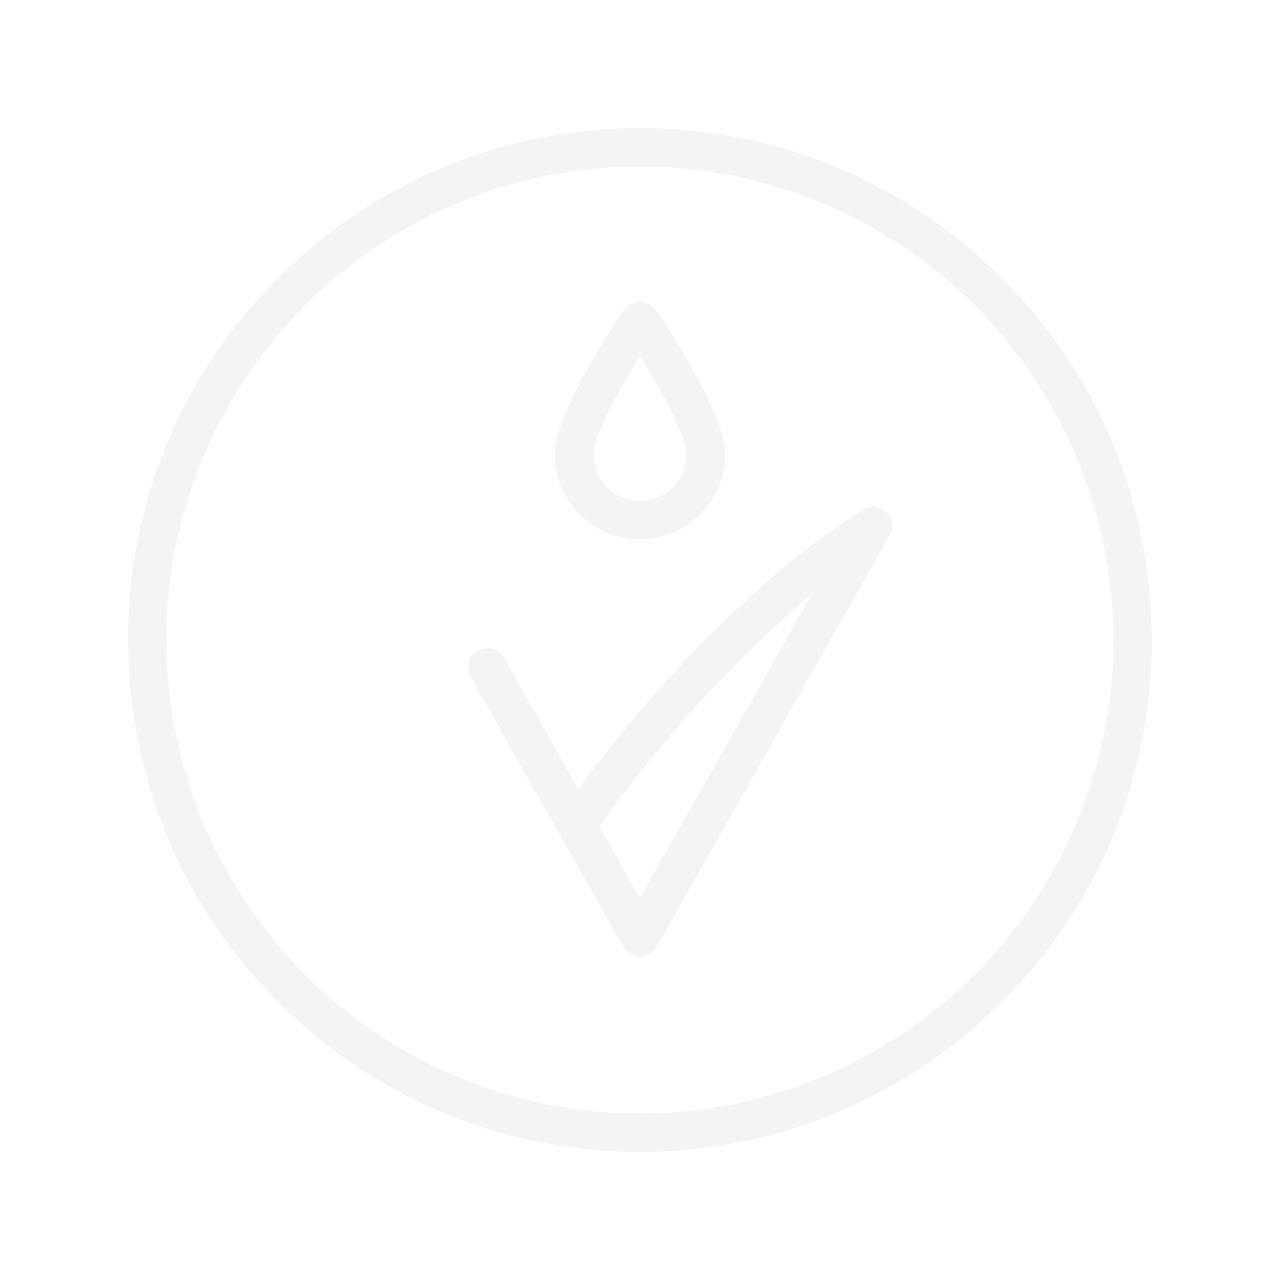 KARL LAGERFELD Bois De Vetiver Deodorant Stick 75g